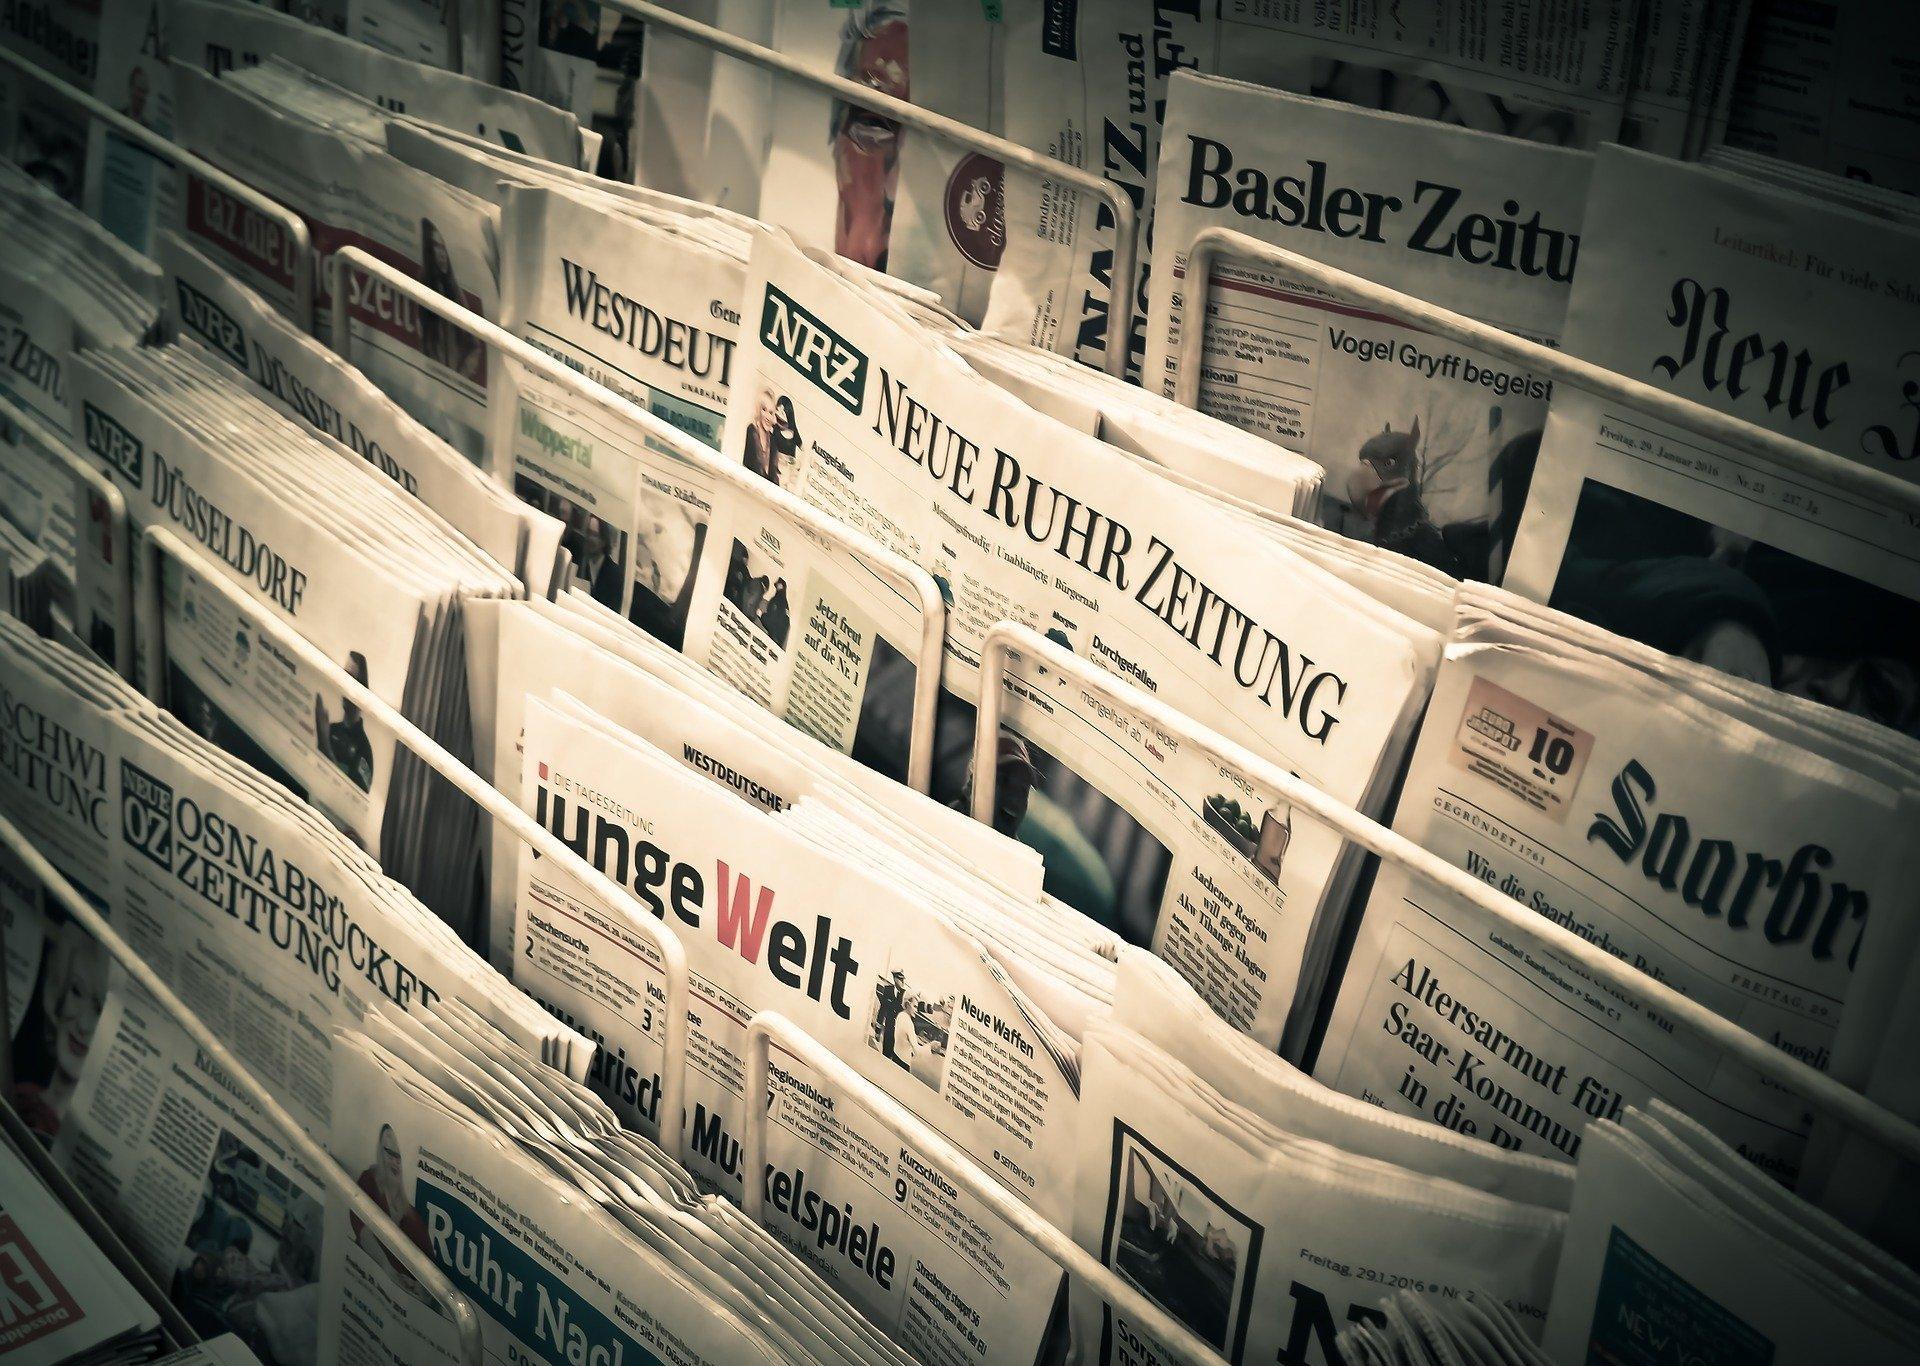 Nieuwsmedia